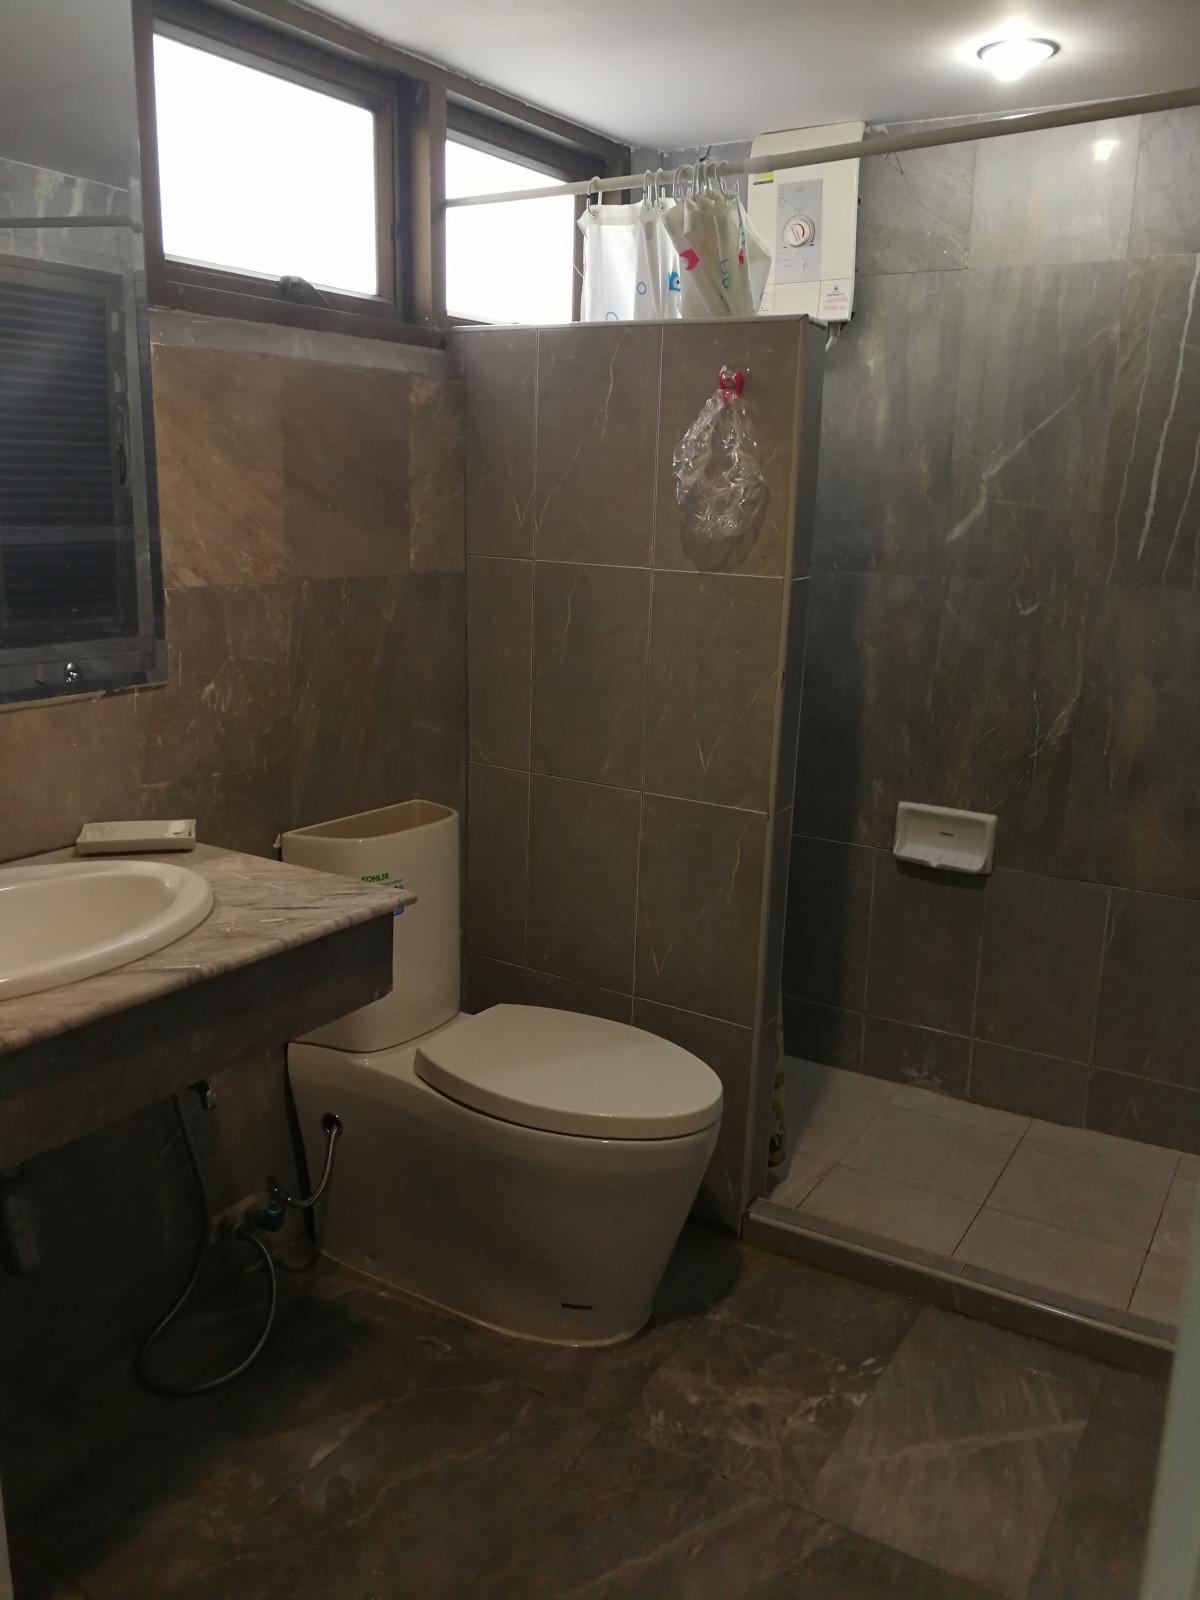 รูปของประกาศขายคอนโดเทเวศร์  แมนชั่น(1 ห้องนอน)(3)